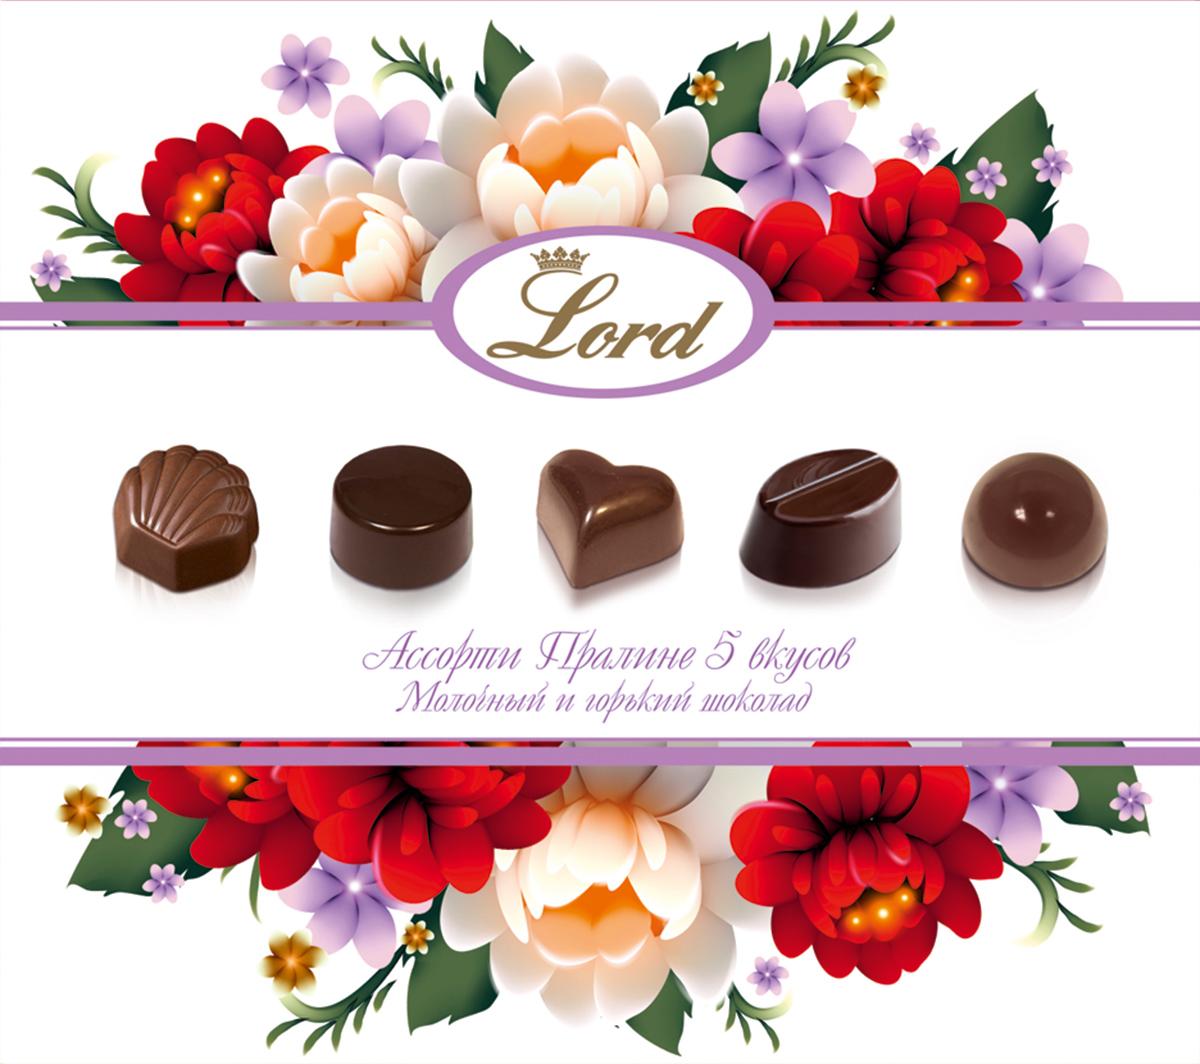 Lord Цветы шоколадные конфеты с начинкой, 180 г marchand пралине шоколадные конфеты 200 г 877